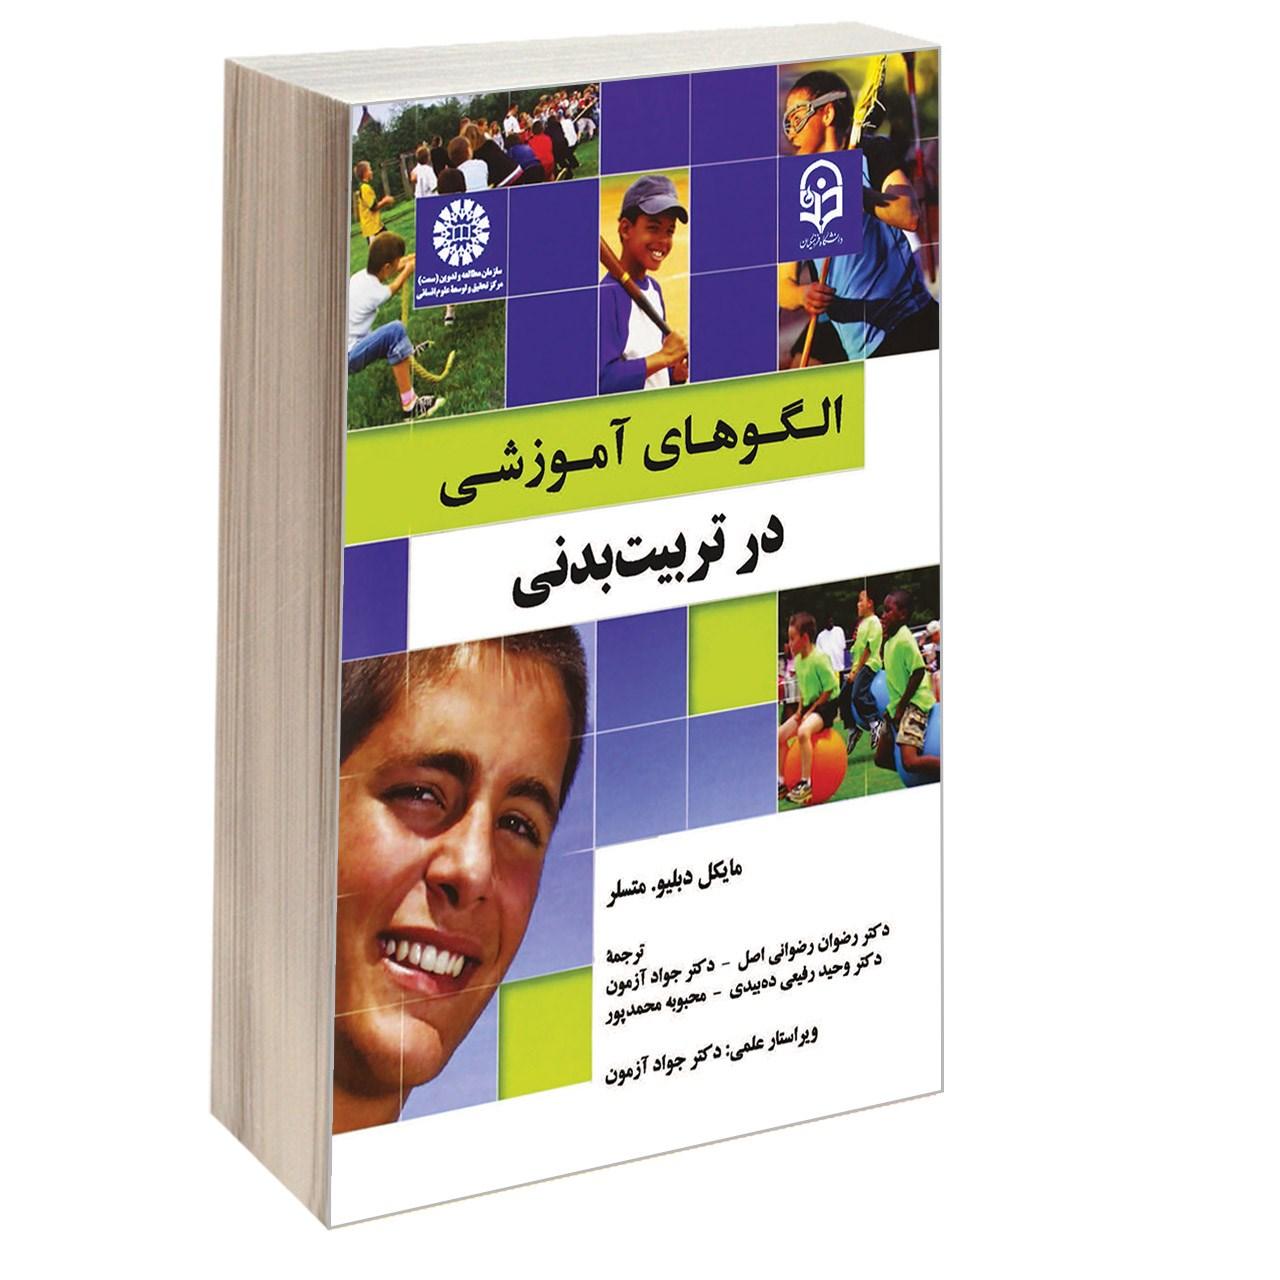 کتاب الگوهای آموزشی در تربیت بدنی اثر مایکل دبلیو. متسلر نشر سمت